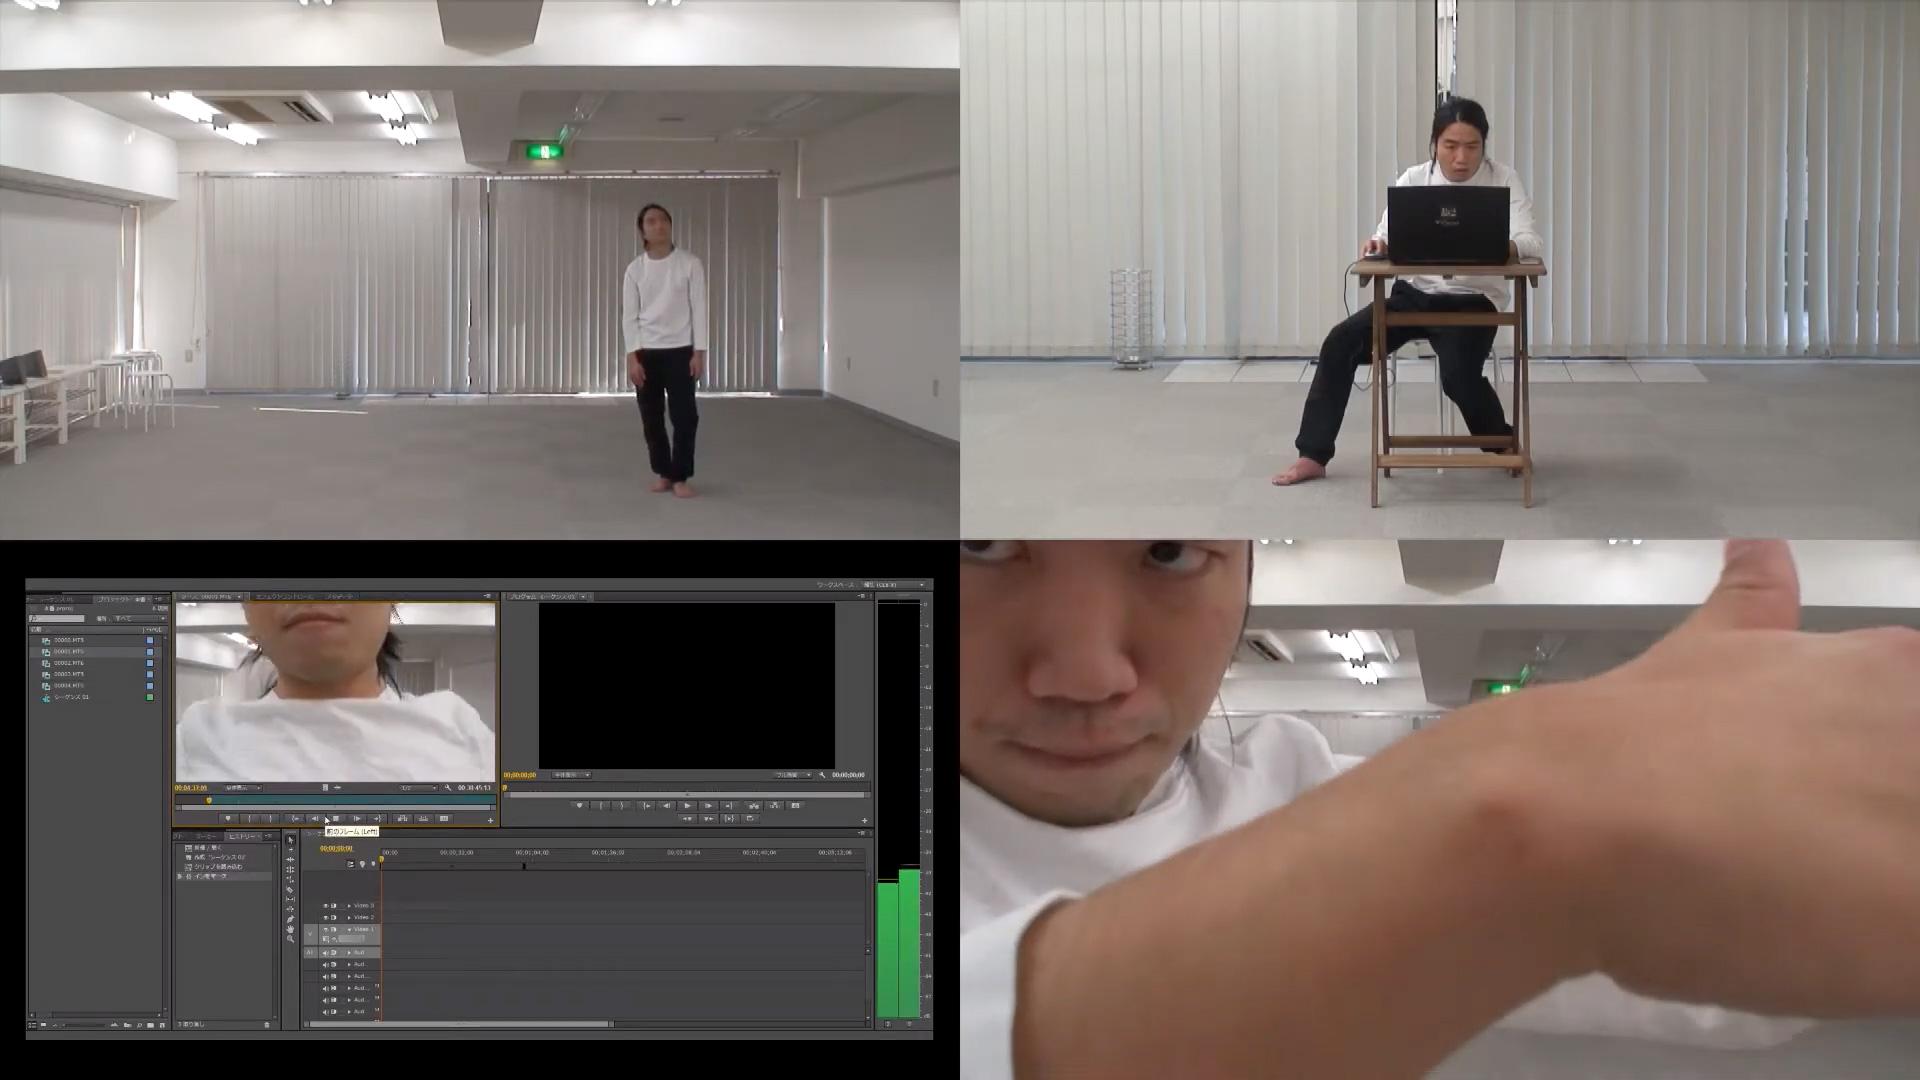 live_20201128_Takumichan